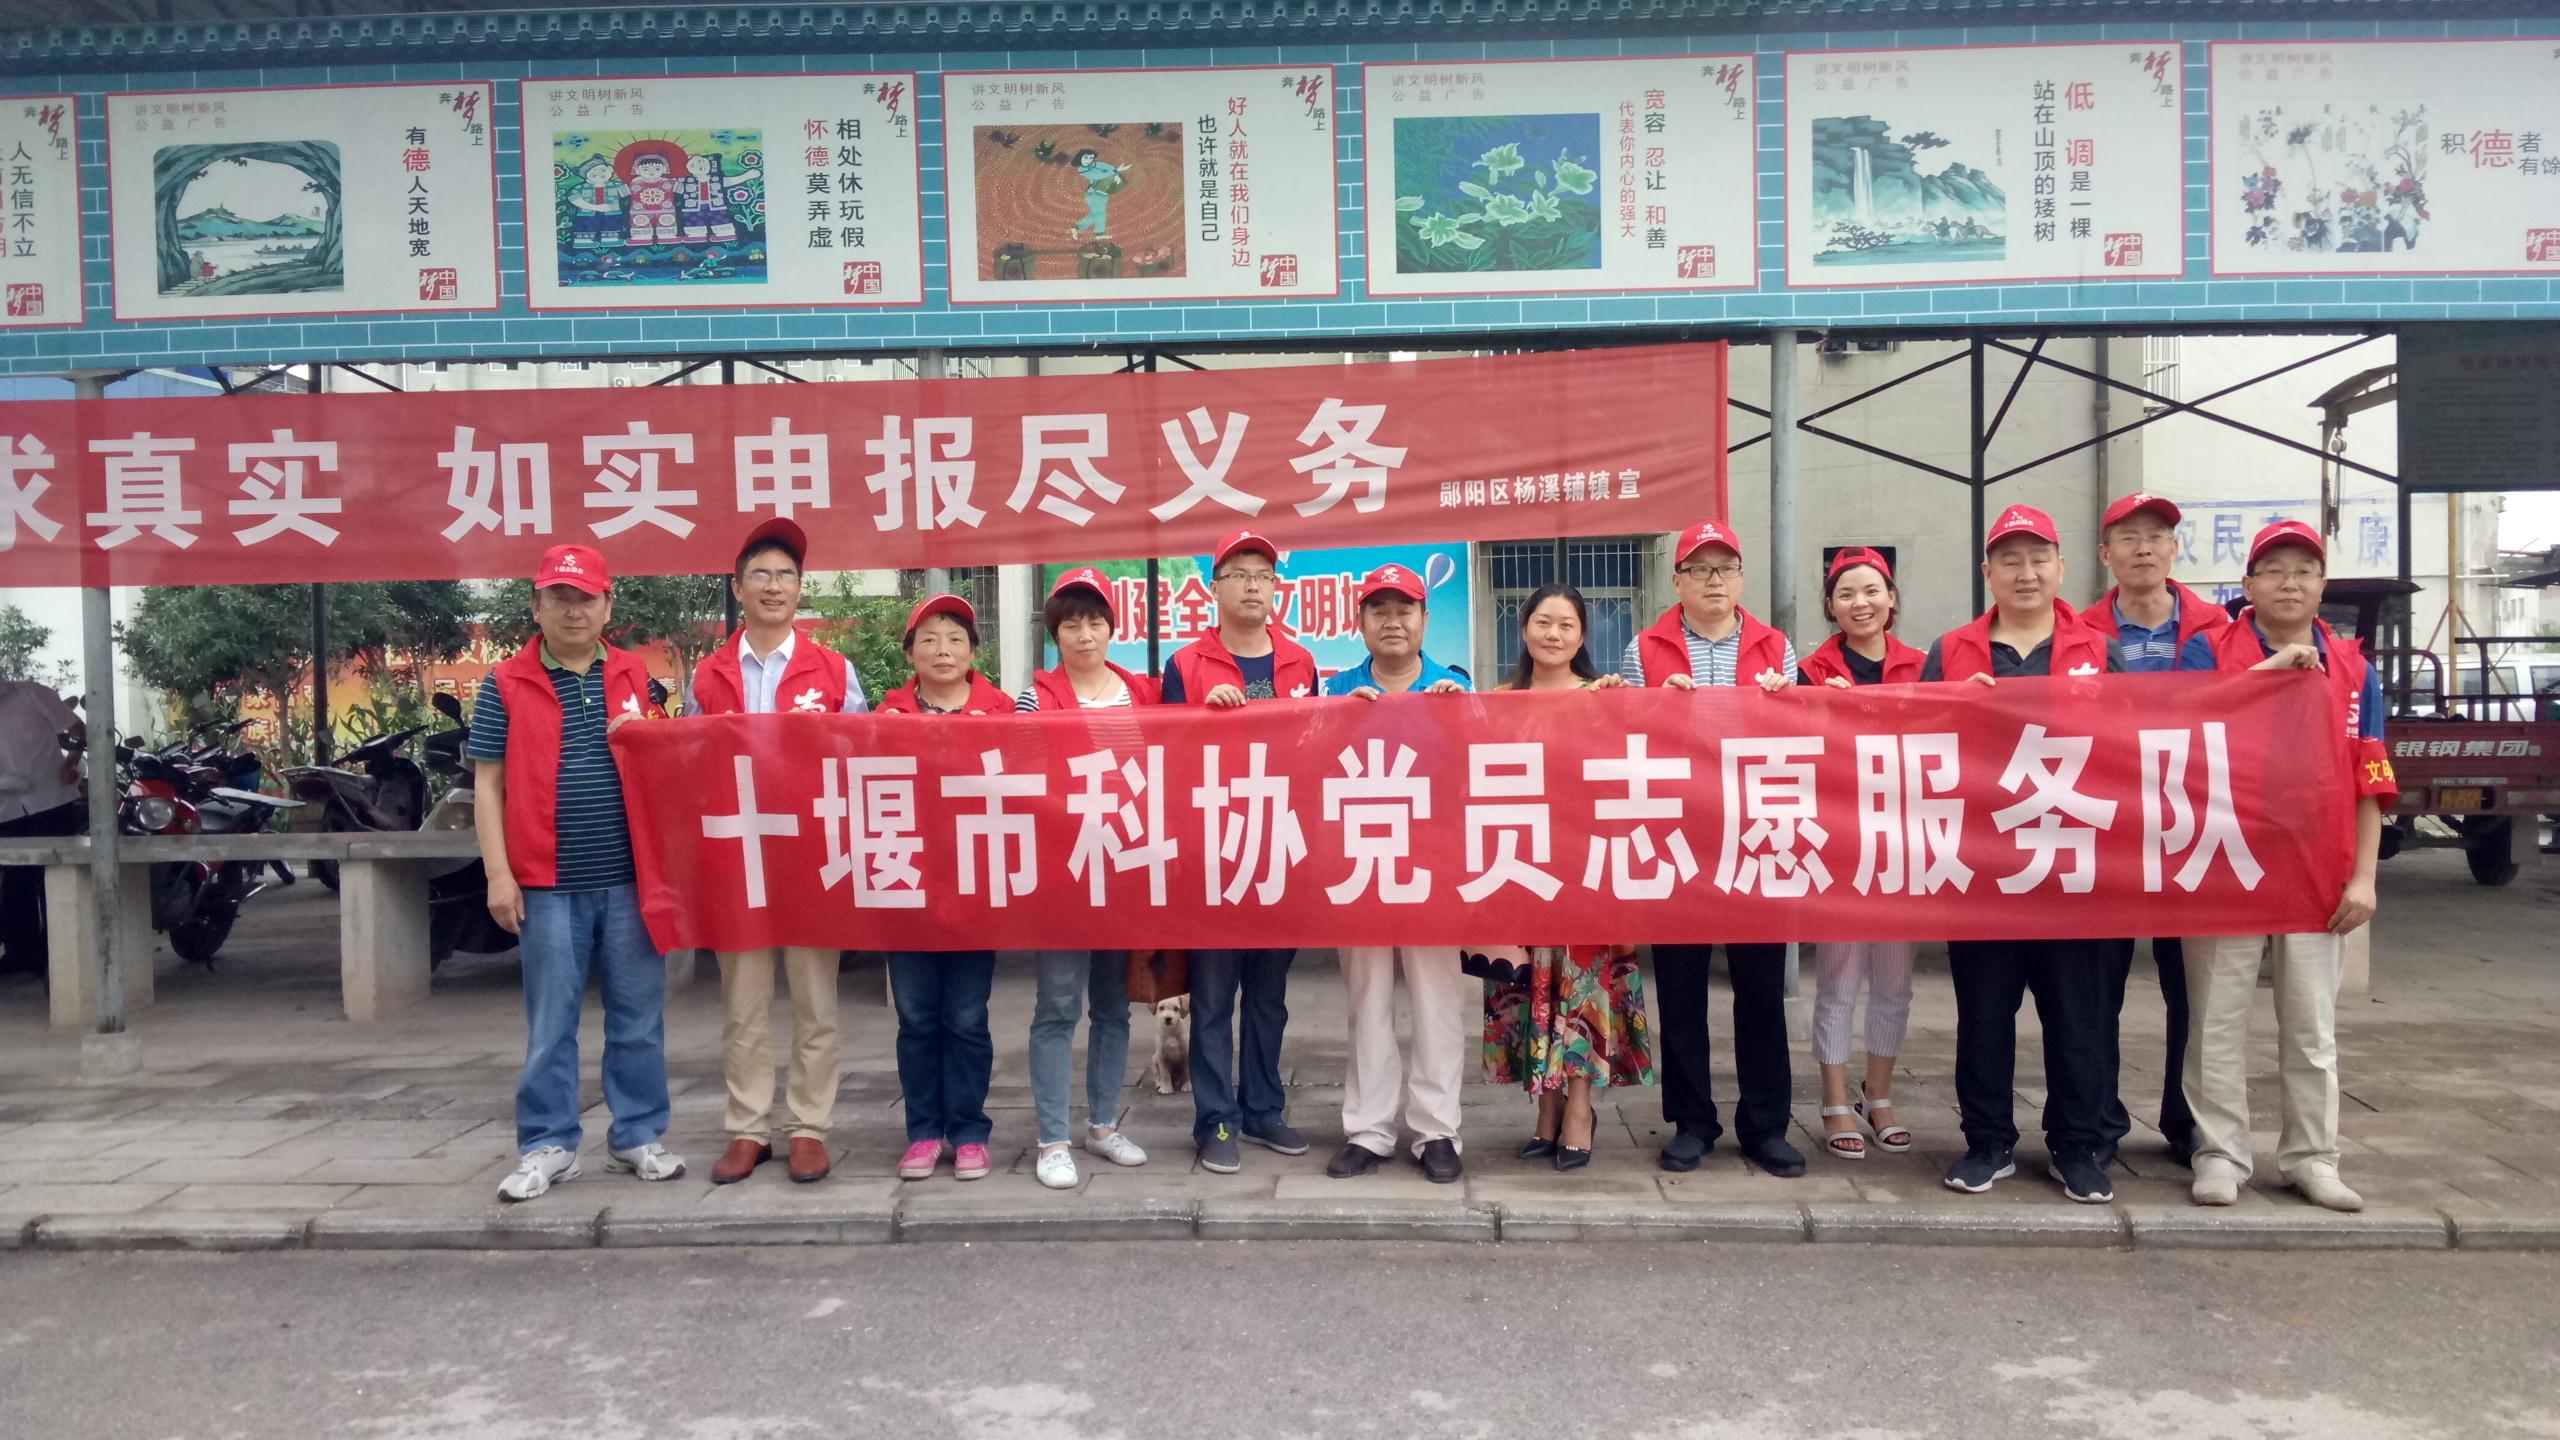 市科协党员志愿者在社区入口处合影留念.jpg